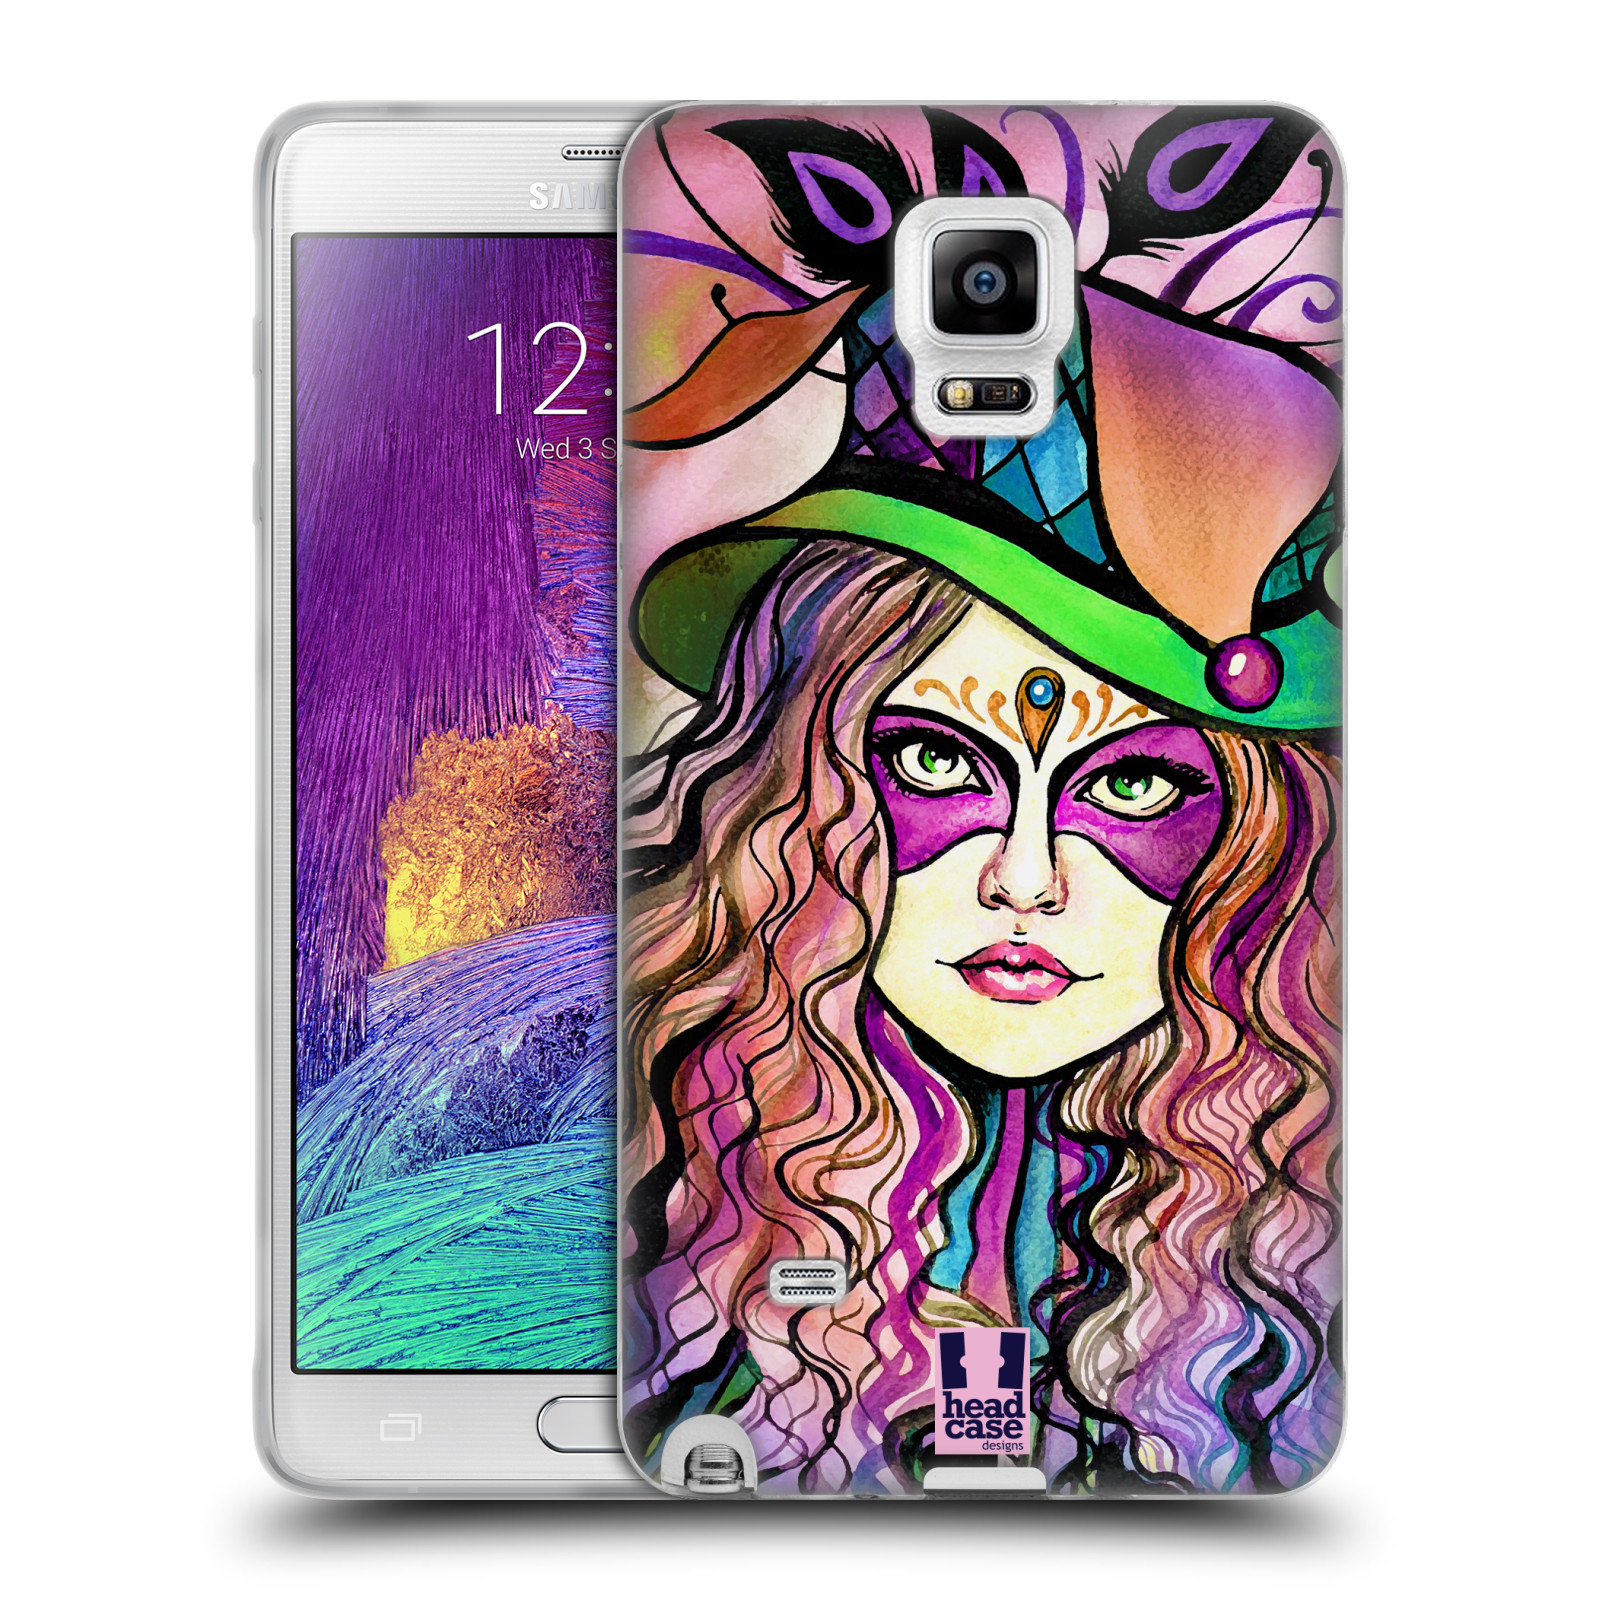 HEAD CASE silikonový obal na mobil Samsung Galaxy Note 4 (N910) vzor Maškarní ples masky kreslené vzory KLOBOUK